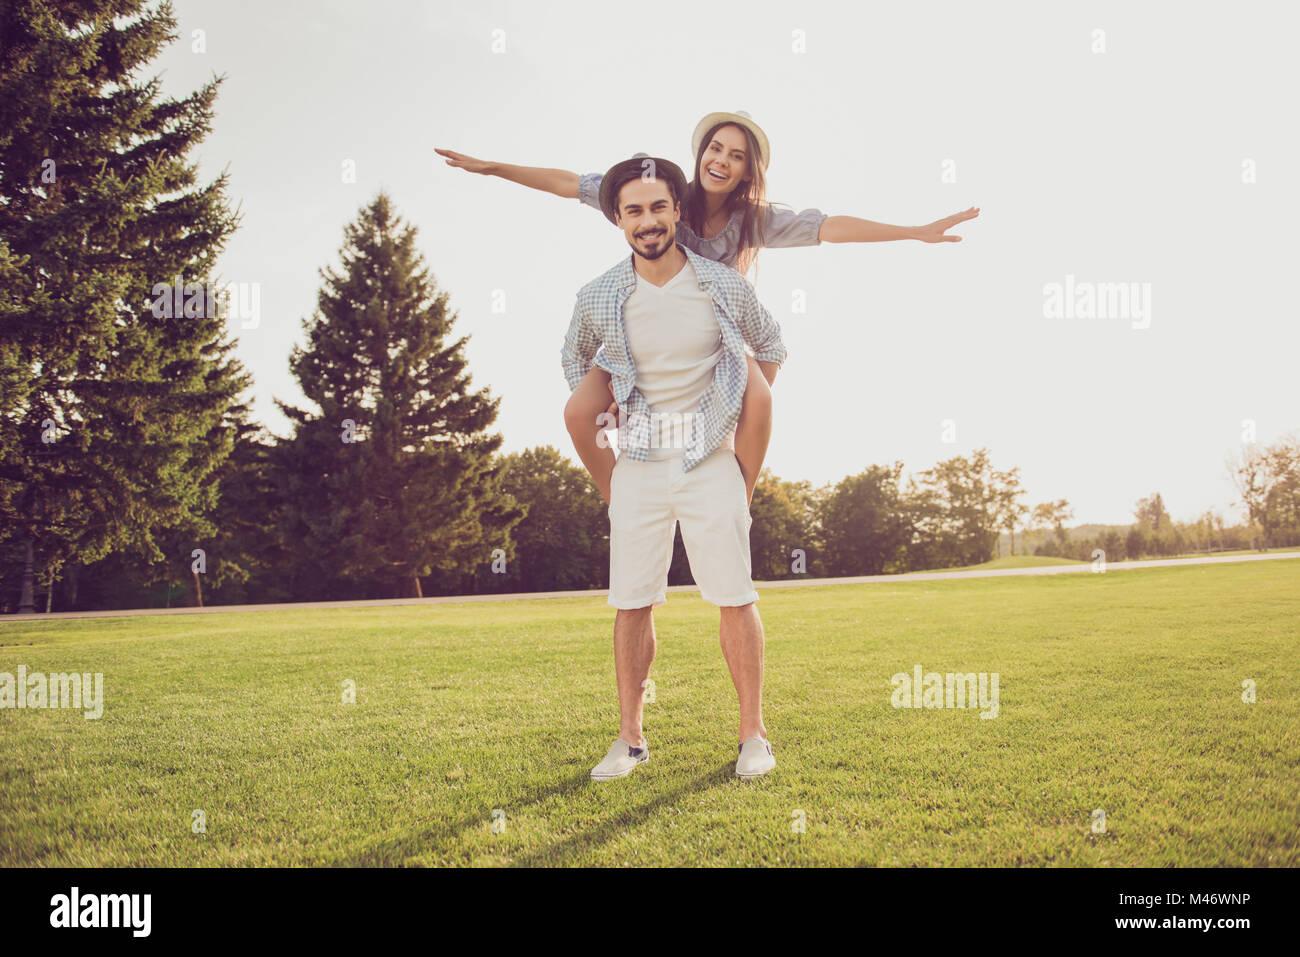 Niedlich süß Partner huckepack seine Dame, sie reitet ihn. Datum außerhalb, gut gekleidet, aufgeregt, Stockbild